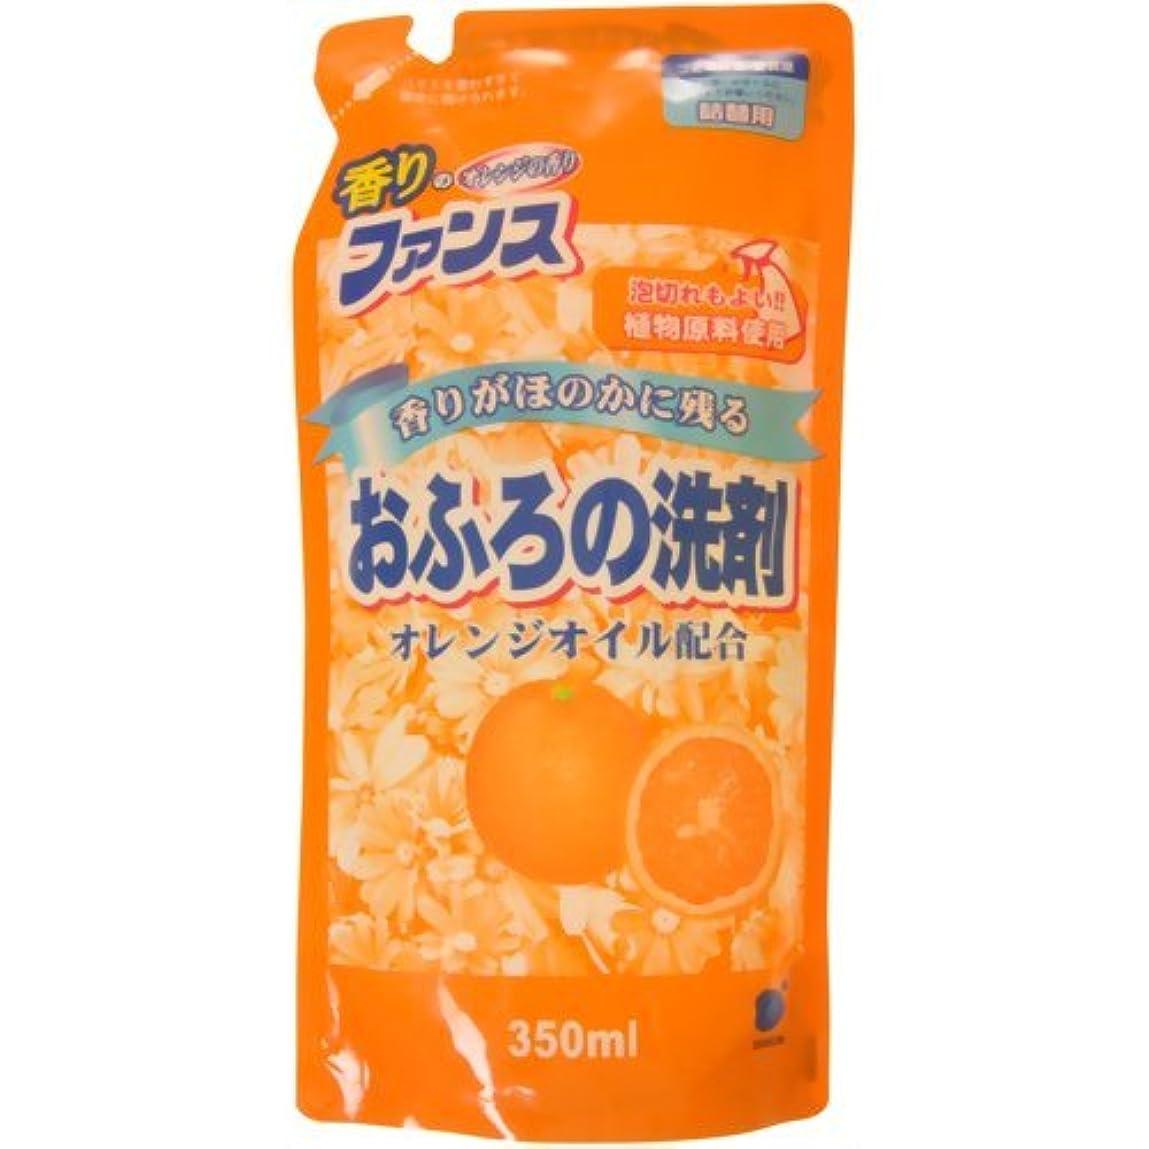 ディプロマ該当する必要としている香りのファンス おふろの洗剤 オレンジ つめかえ用 350ml